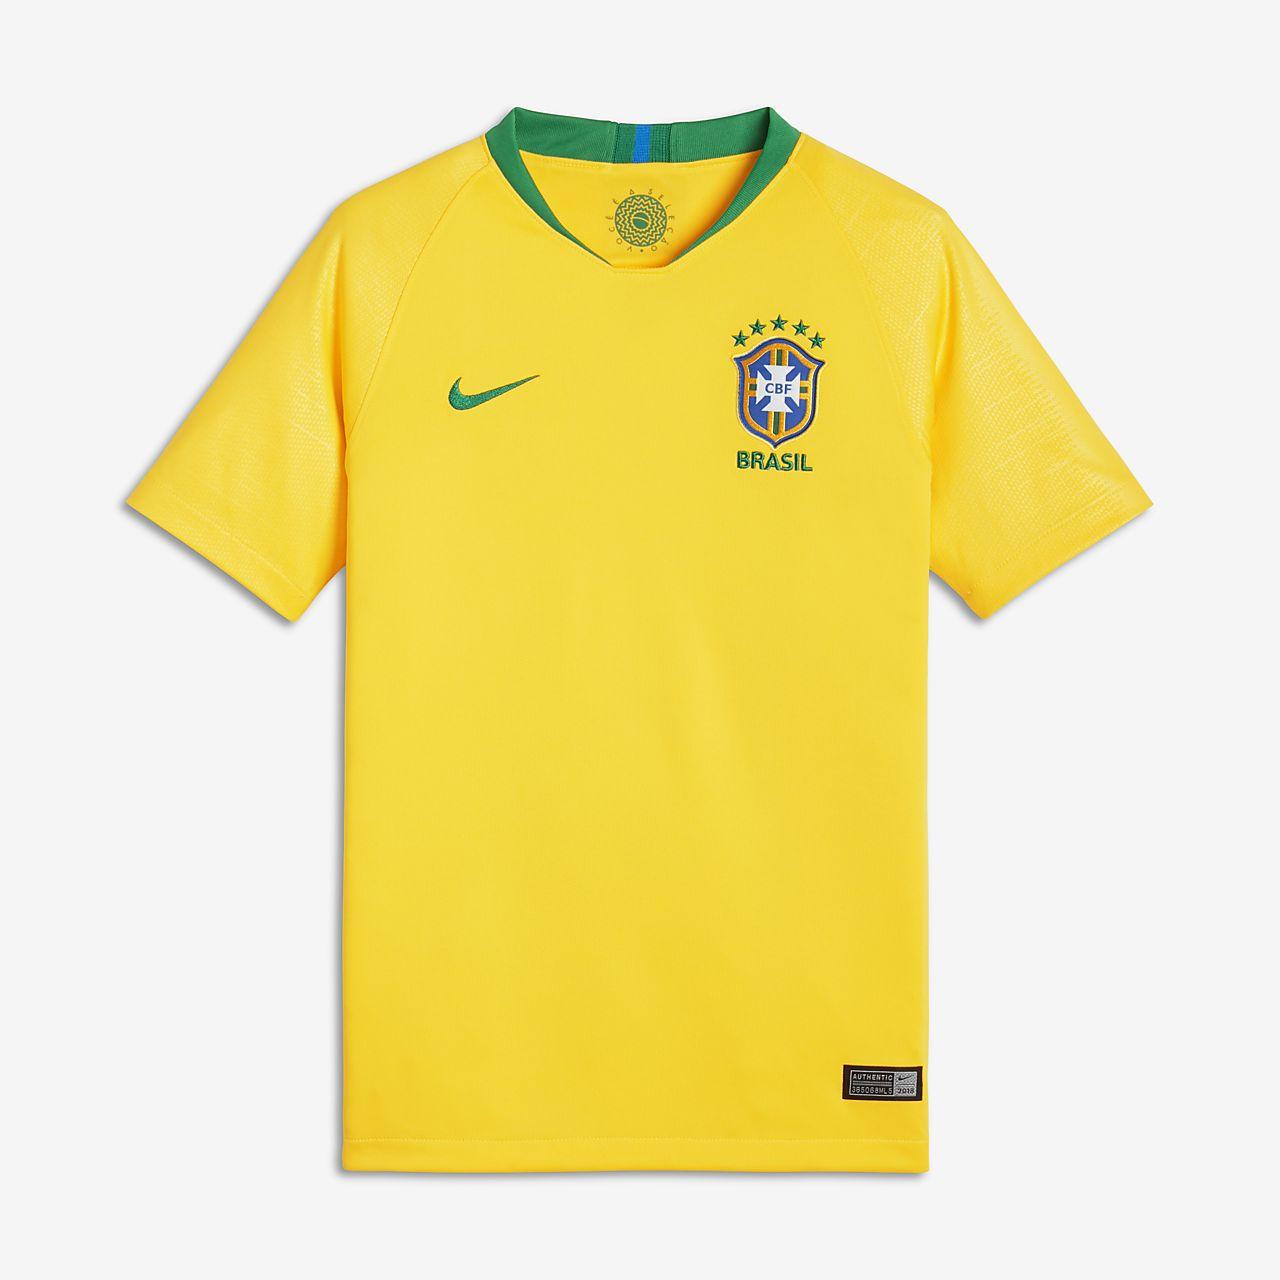 2018 ブラジル CBF スタジアム ホーム ジュニア サッカージャージー